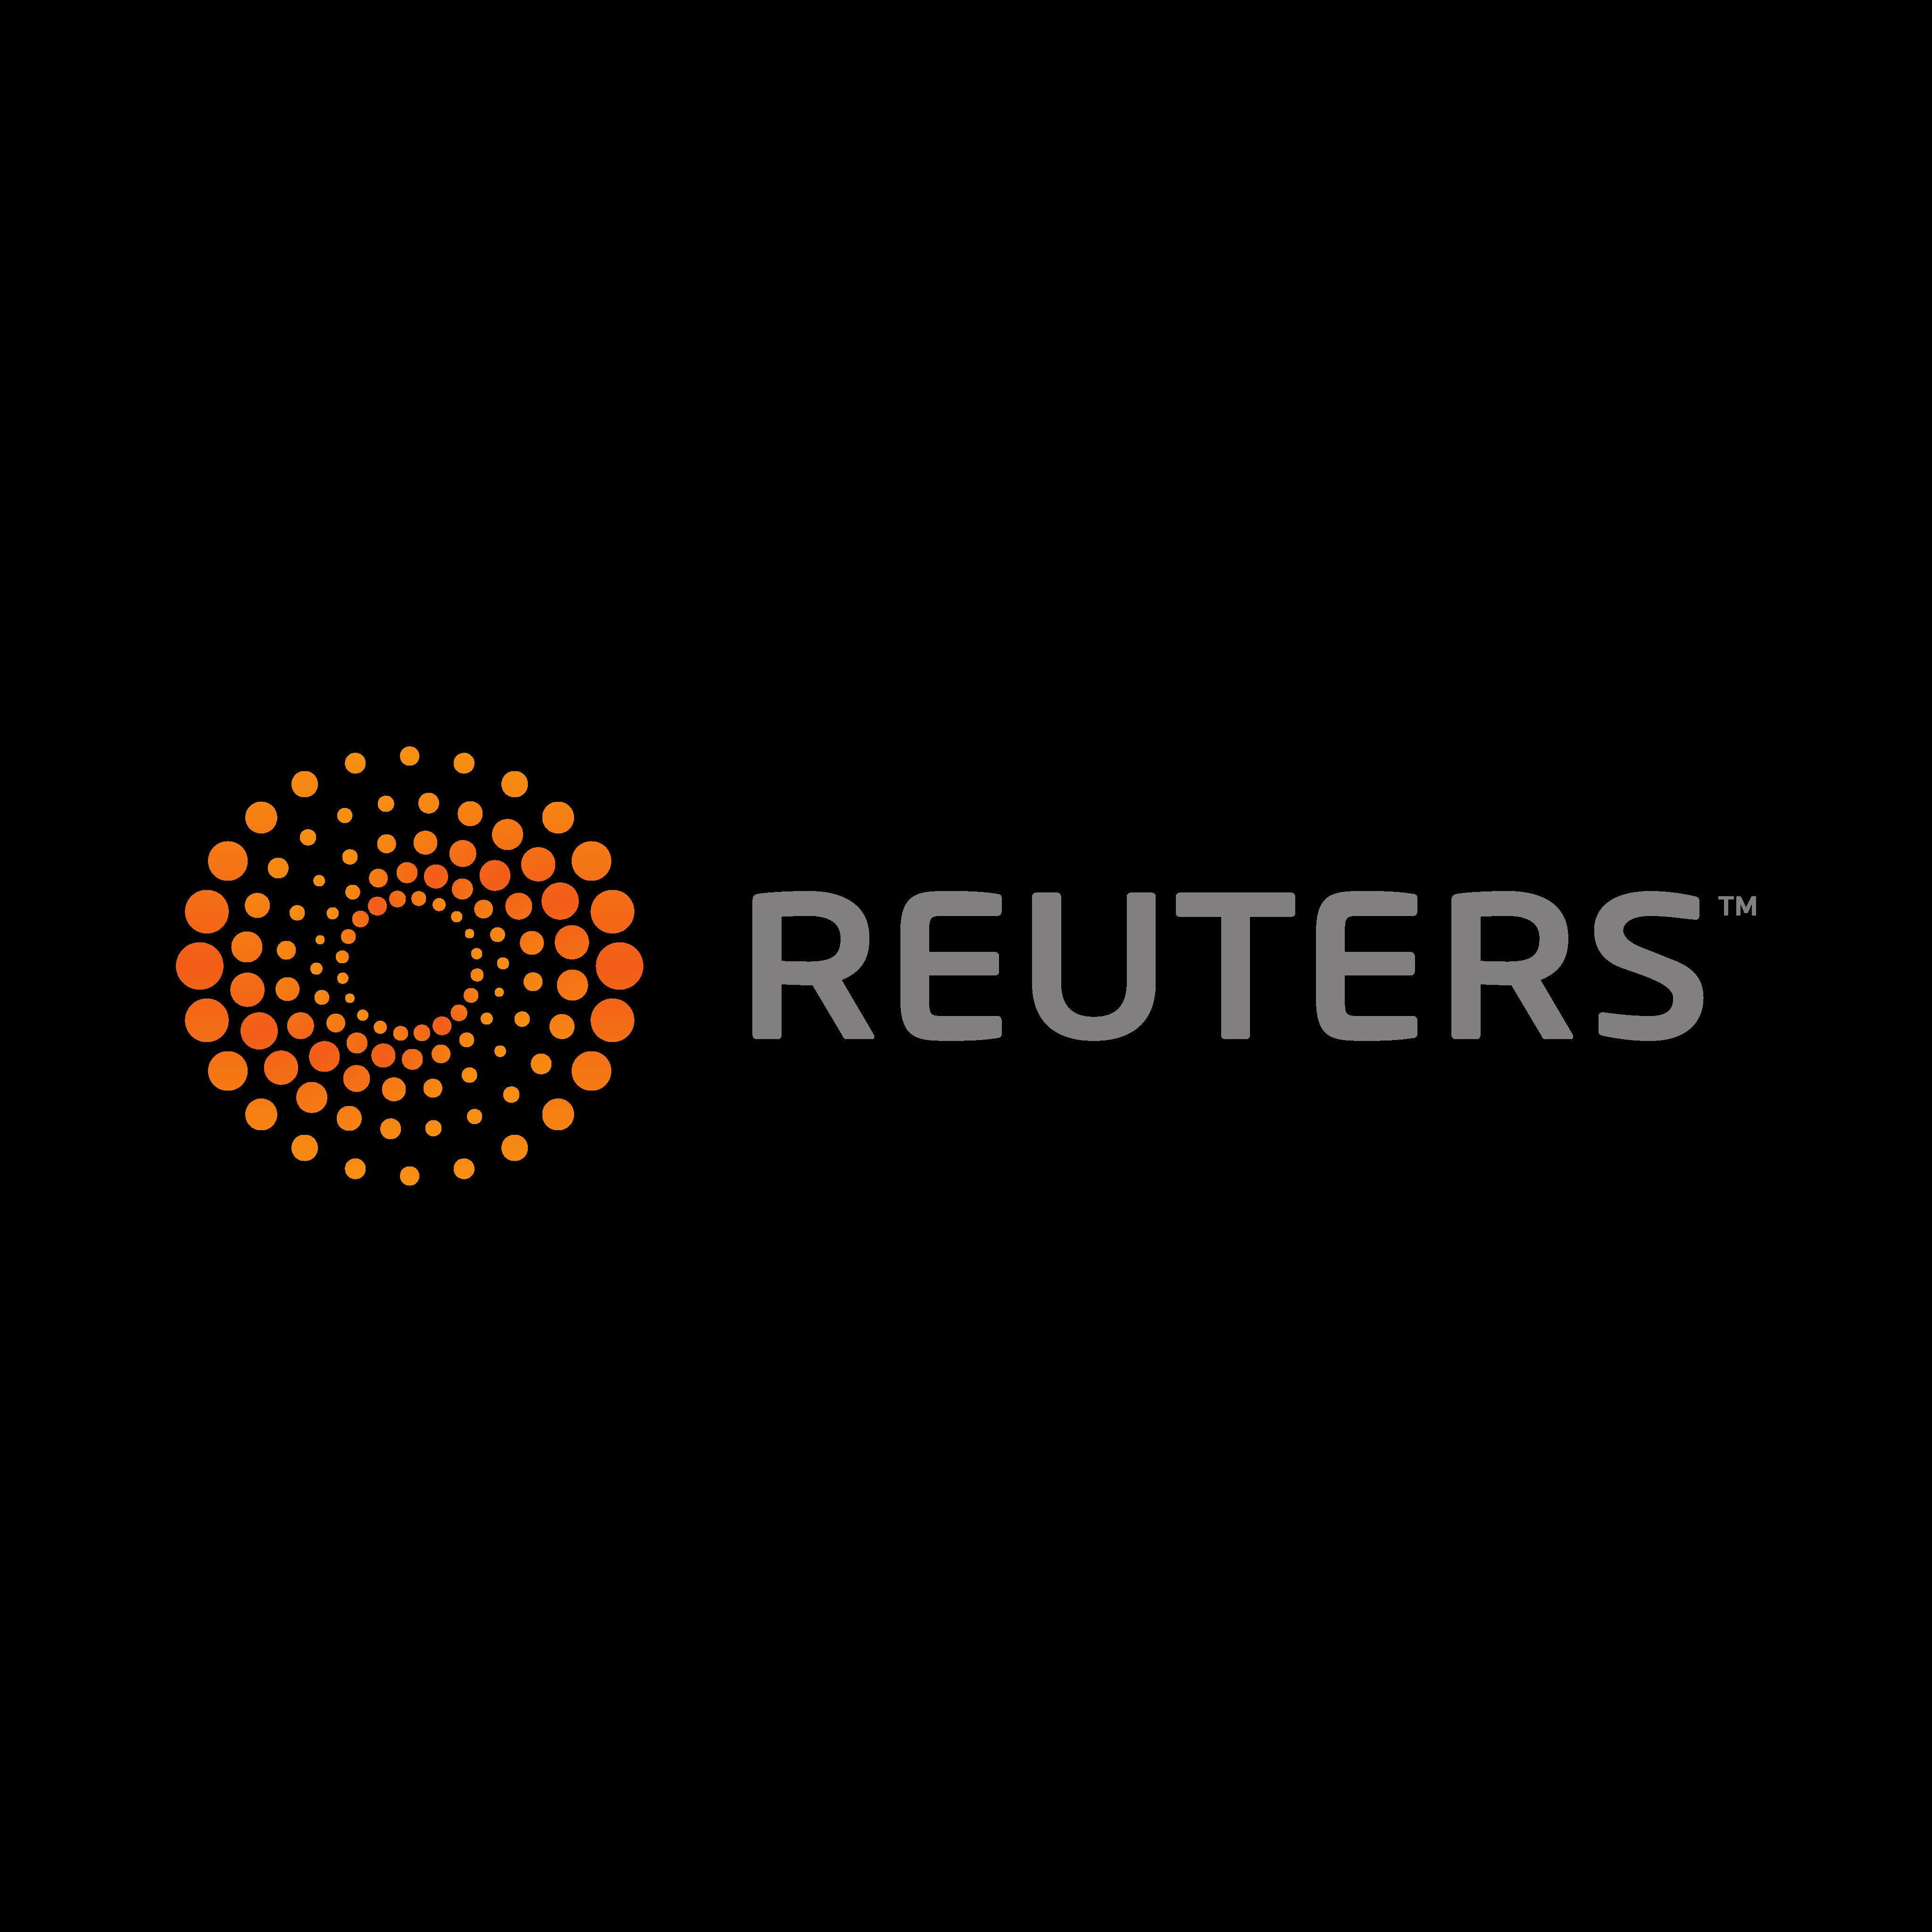 reuters logo 0 - Reuters Logo